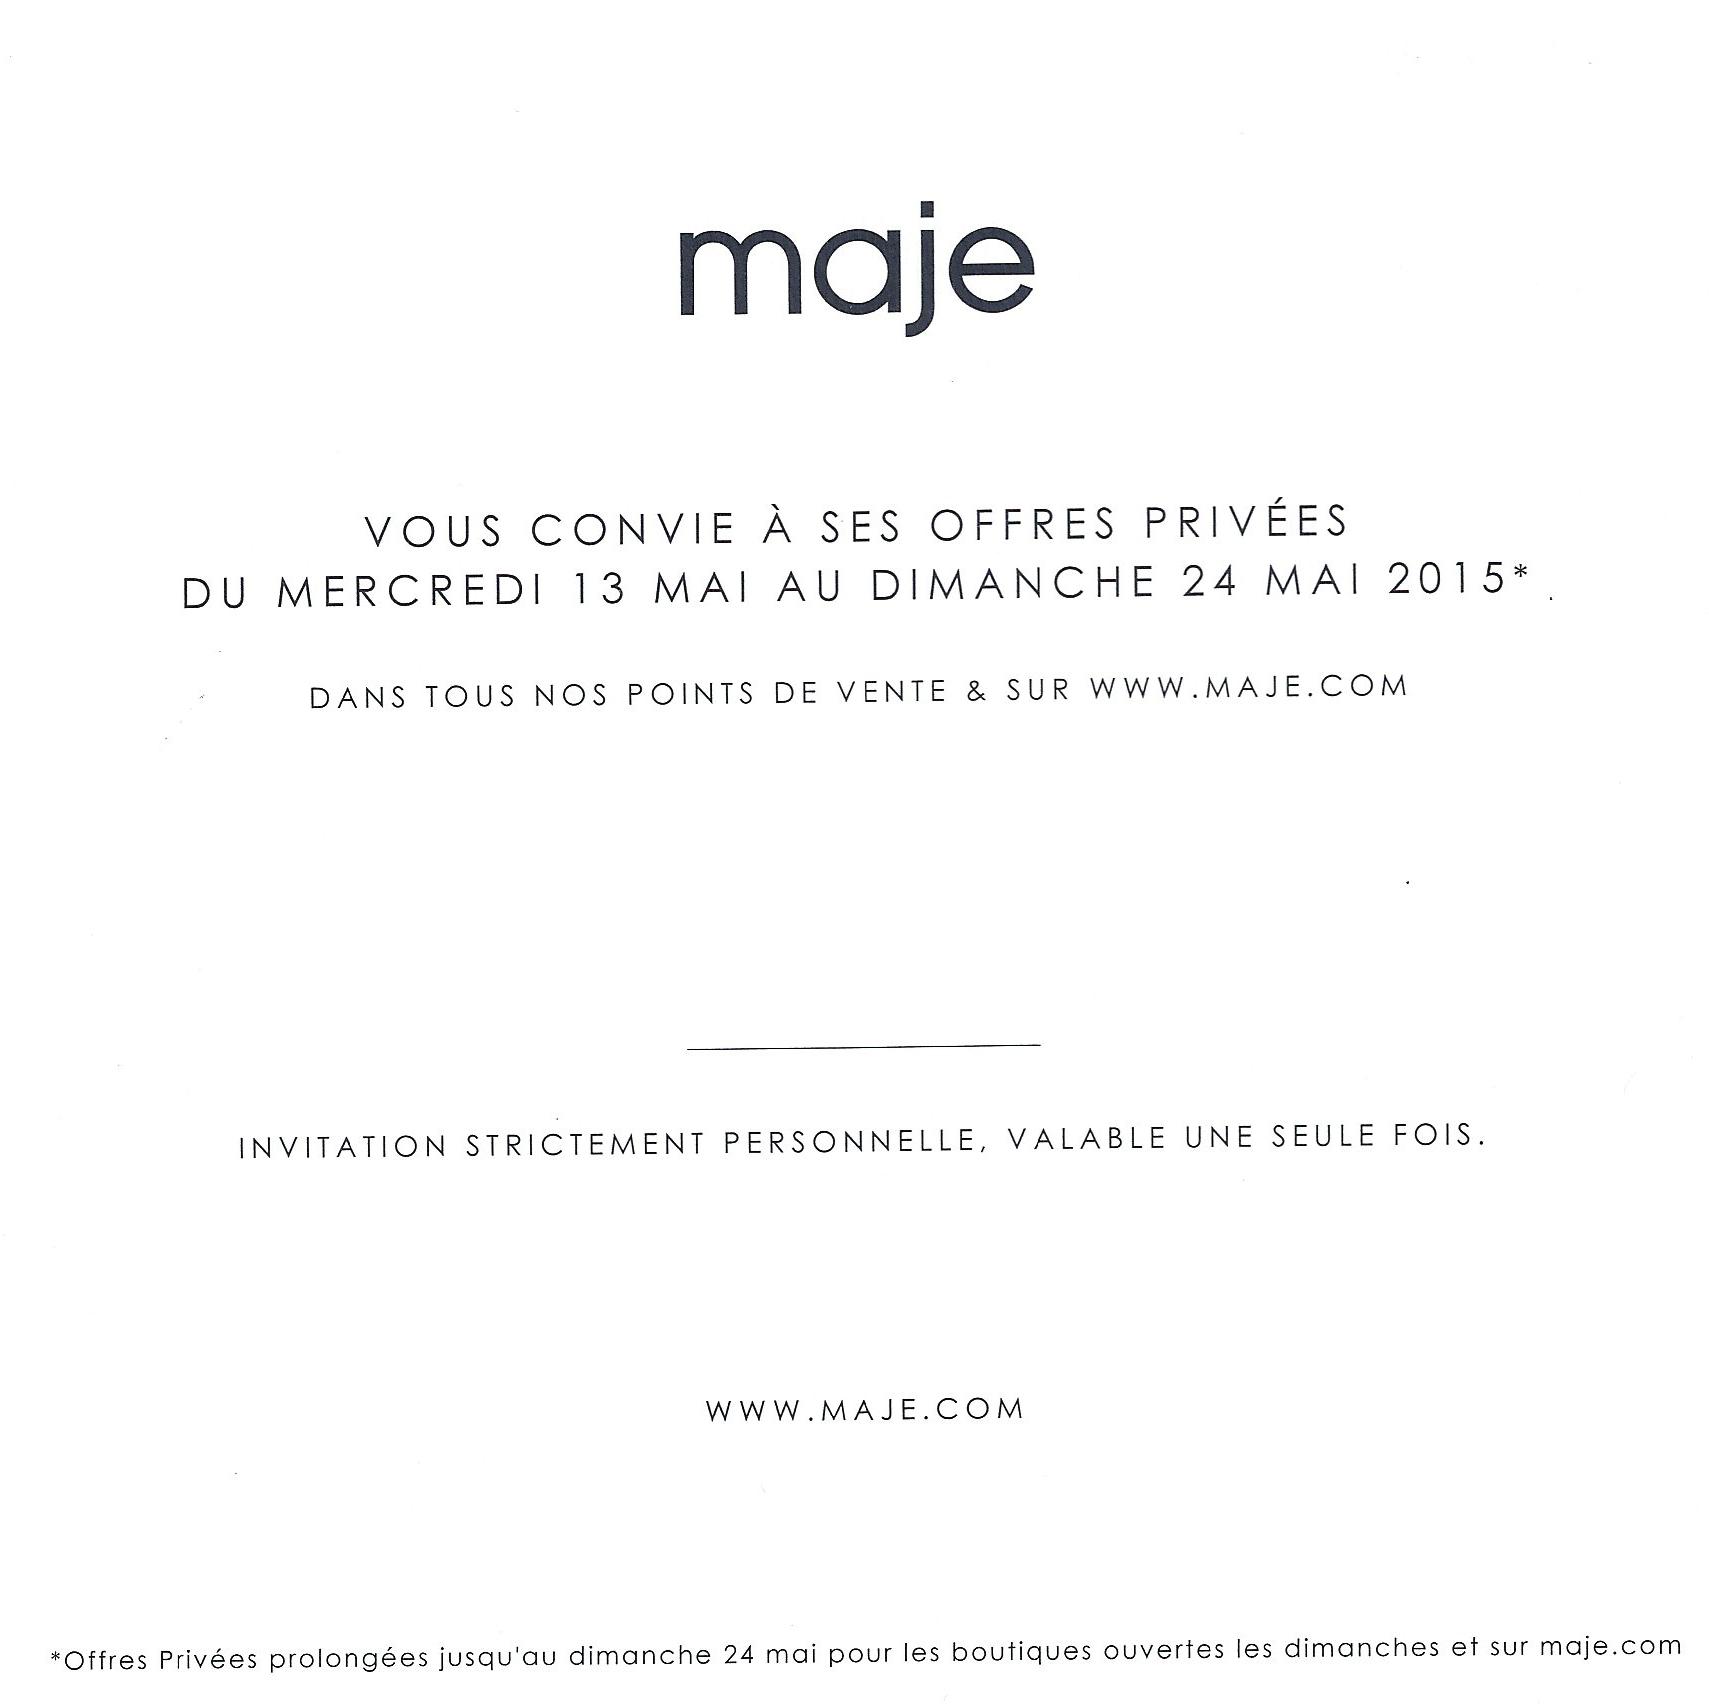 vente-privee-boutique-MAJE-mai-2015